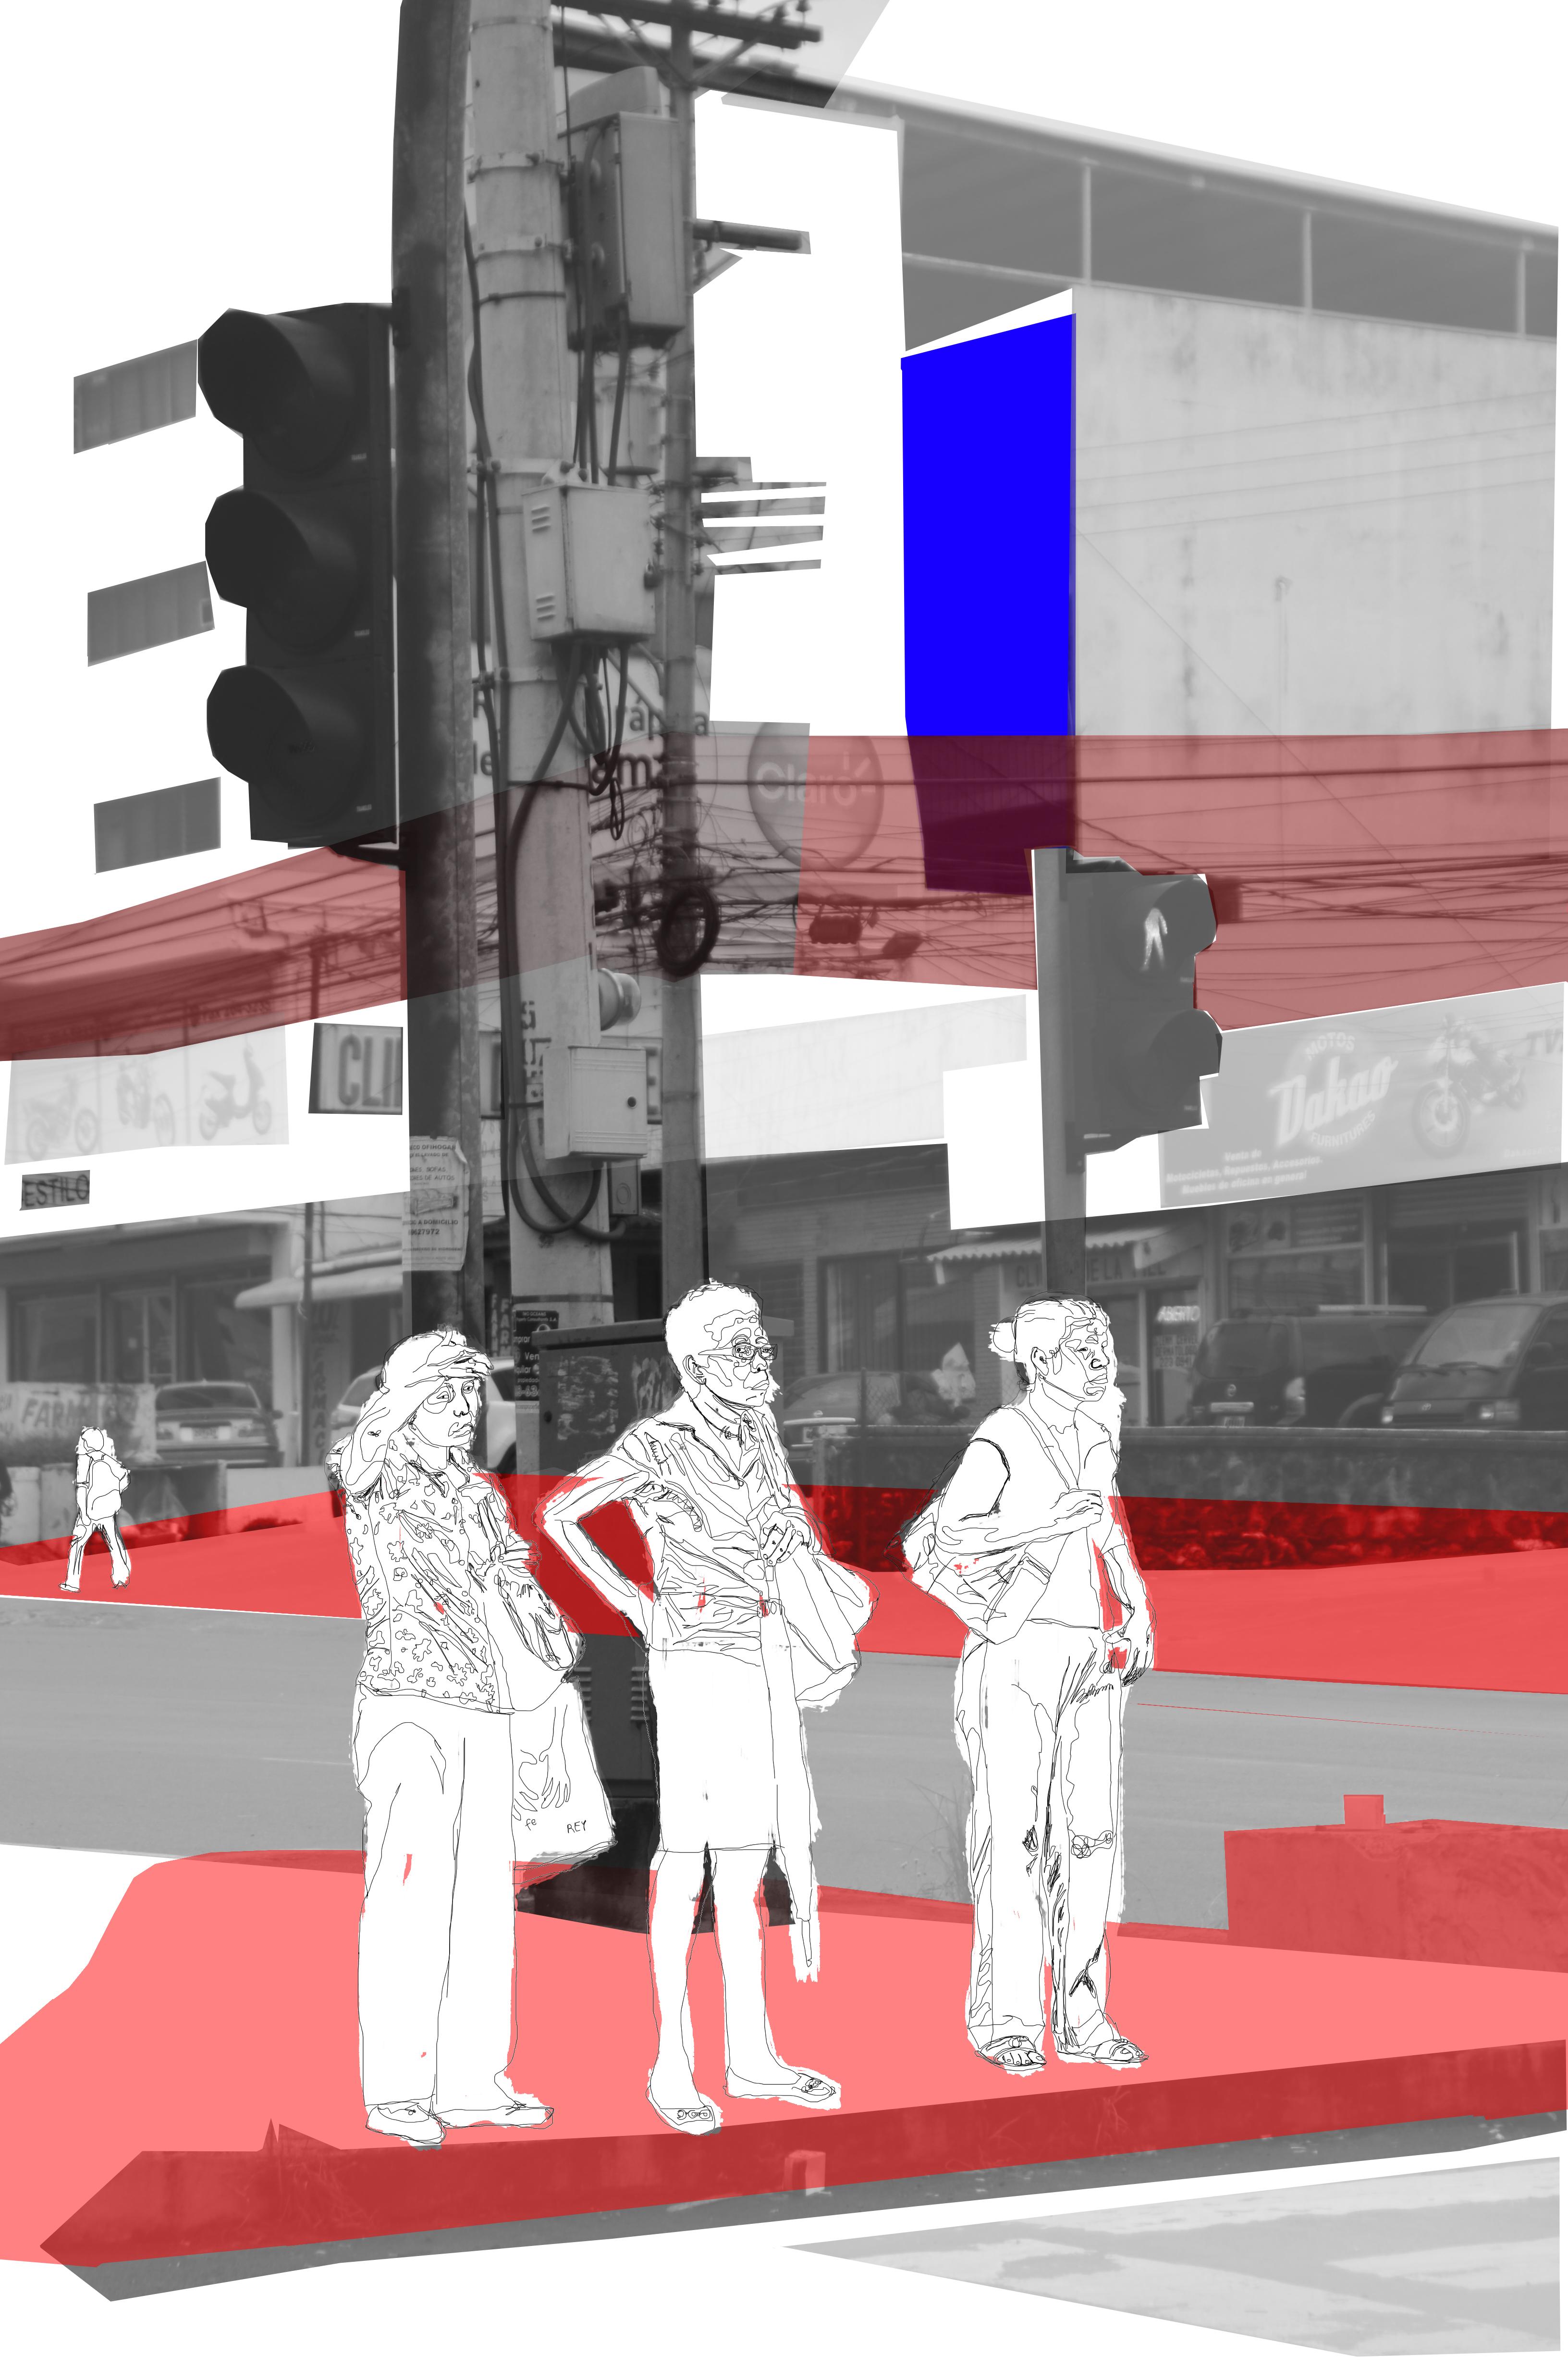 mujeres en la calle cruzando